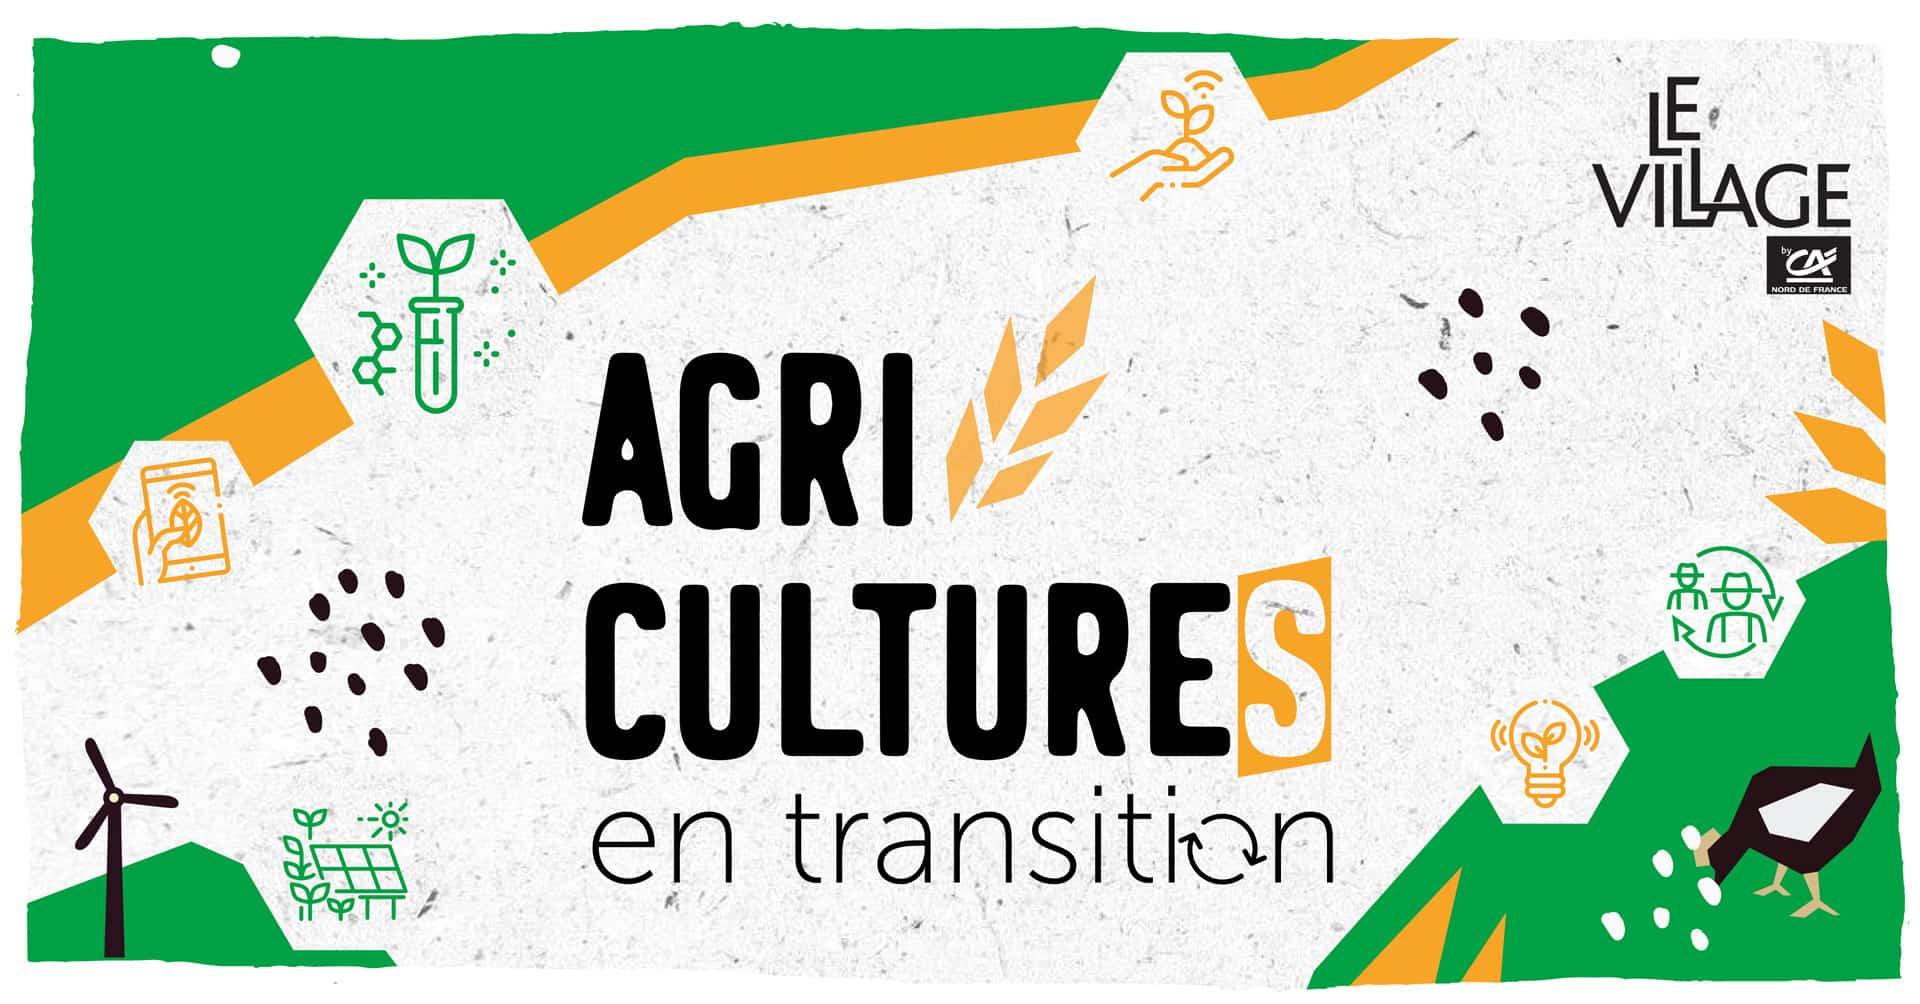 Ouverture de l'appel à candidatures Agricultures en transition